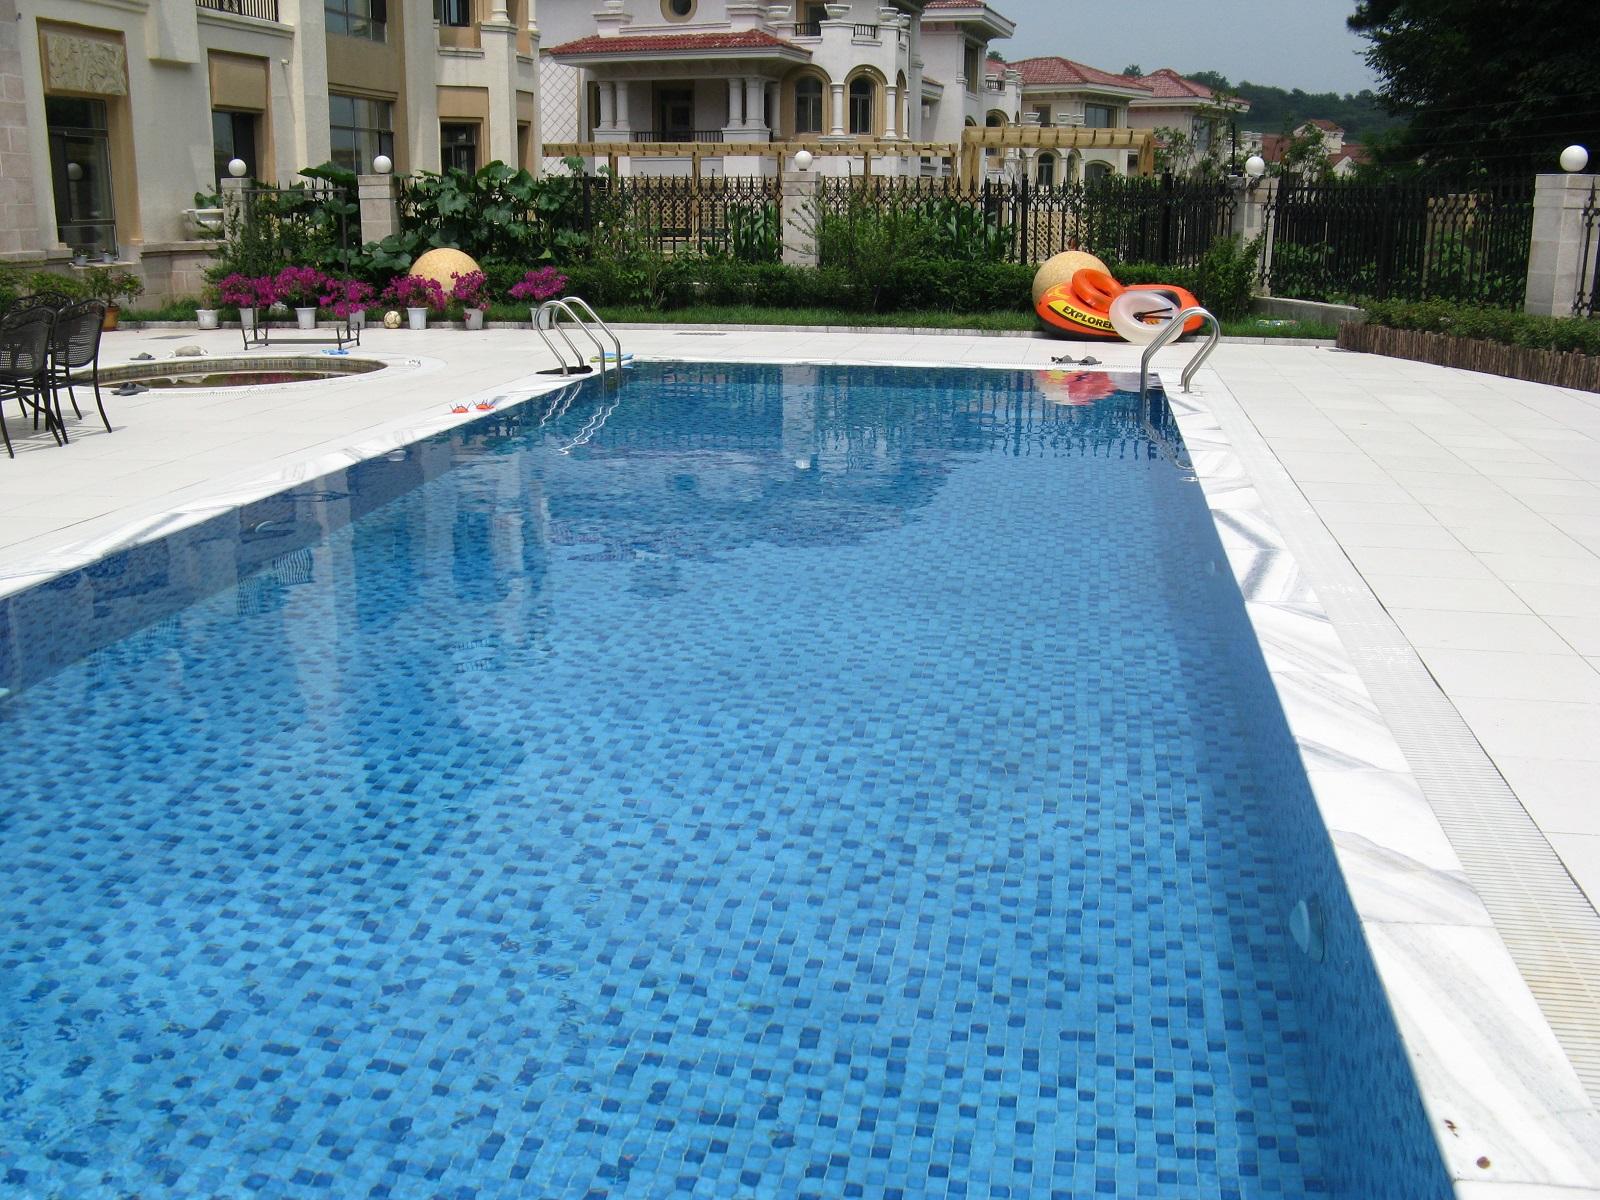 柳州金沙角_别墅游泳池设计规范图片展示_别墅游泳池设计规范相关图片下载